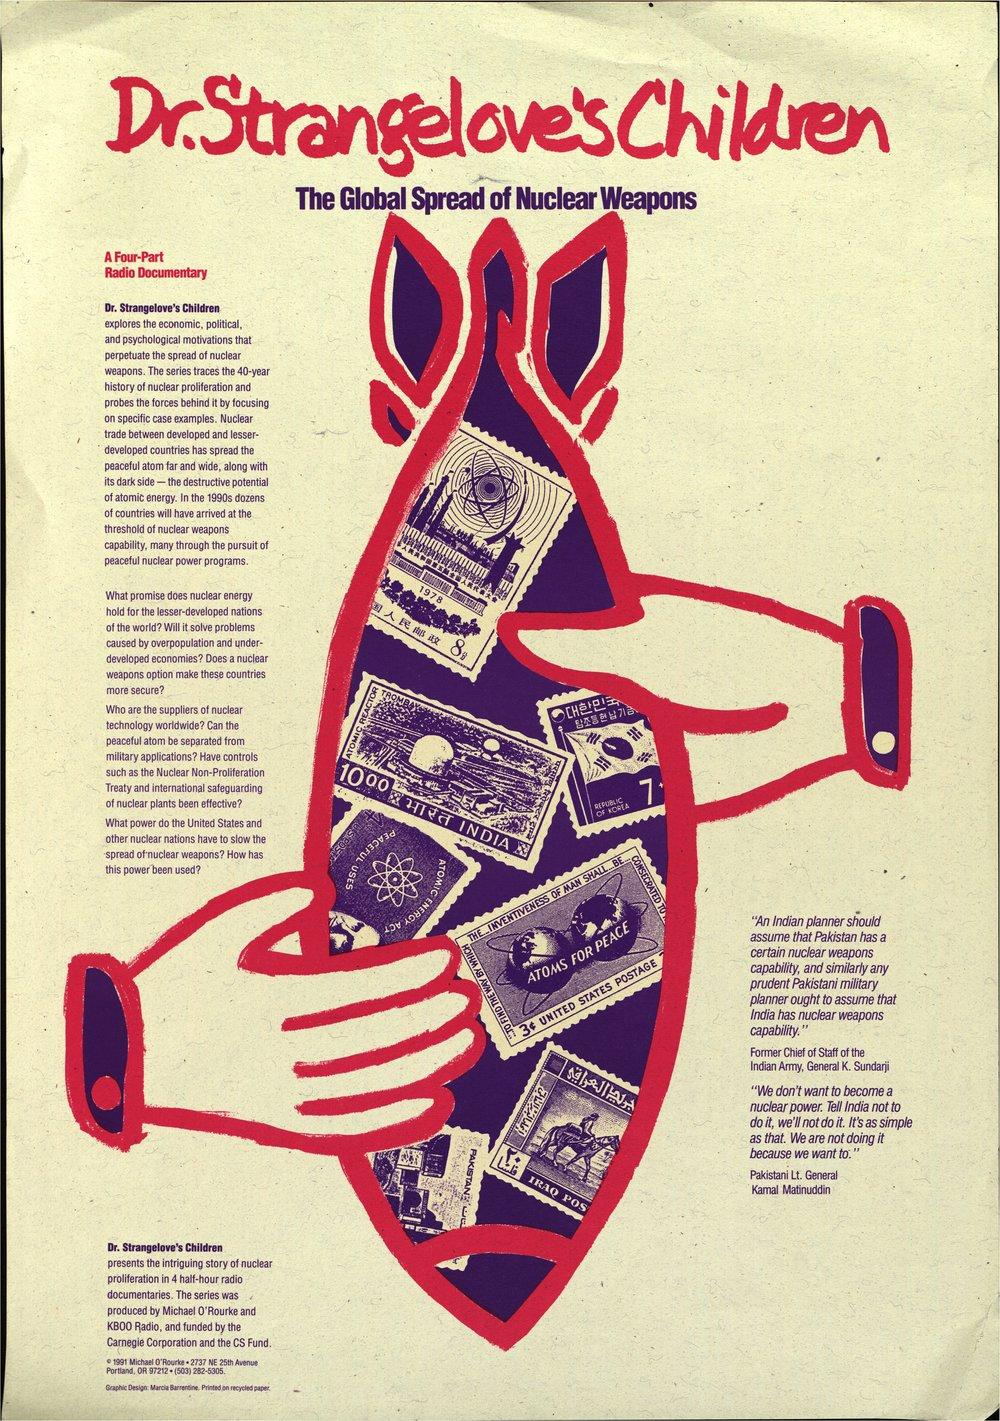 KBOO_Posters_OS_DrStranglovesChildren.jpg